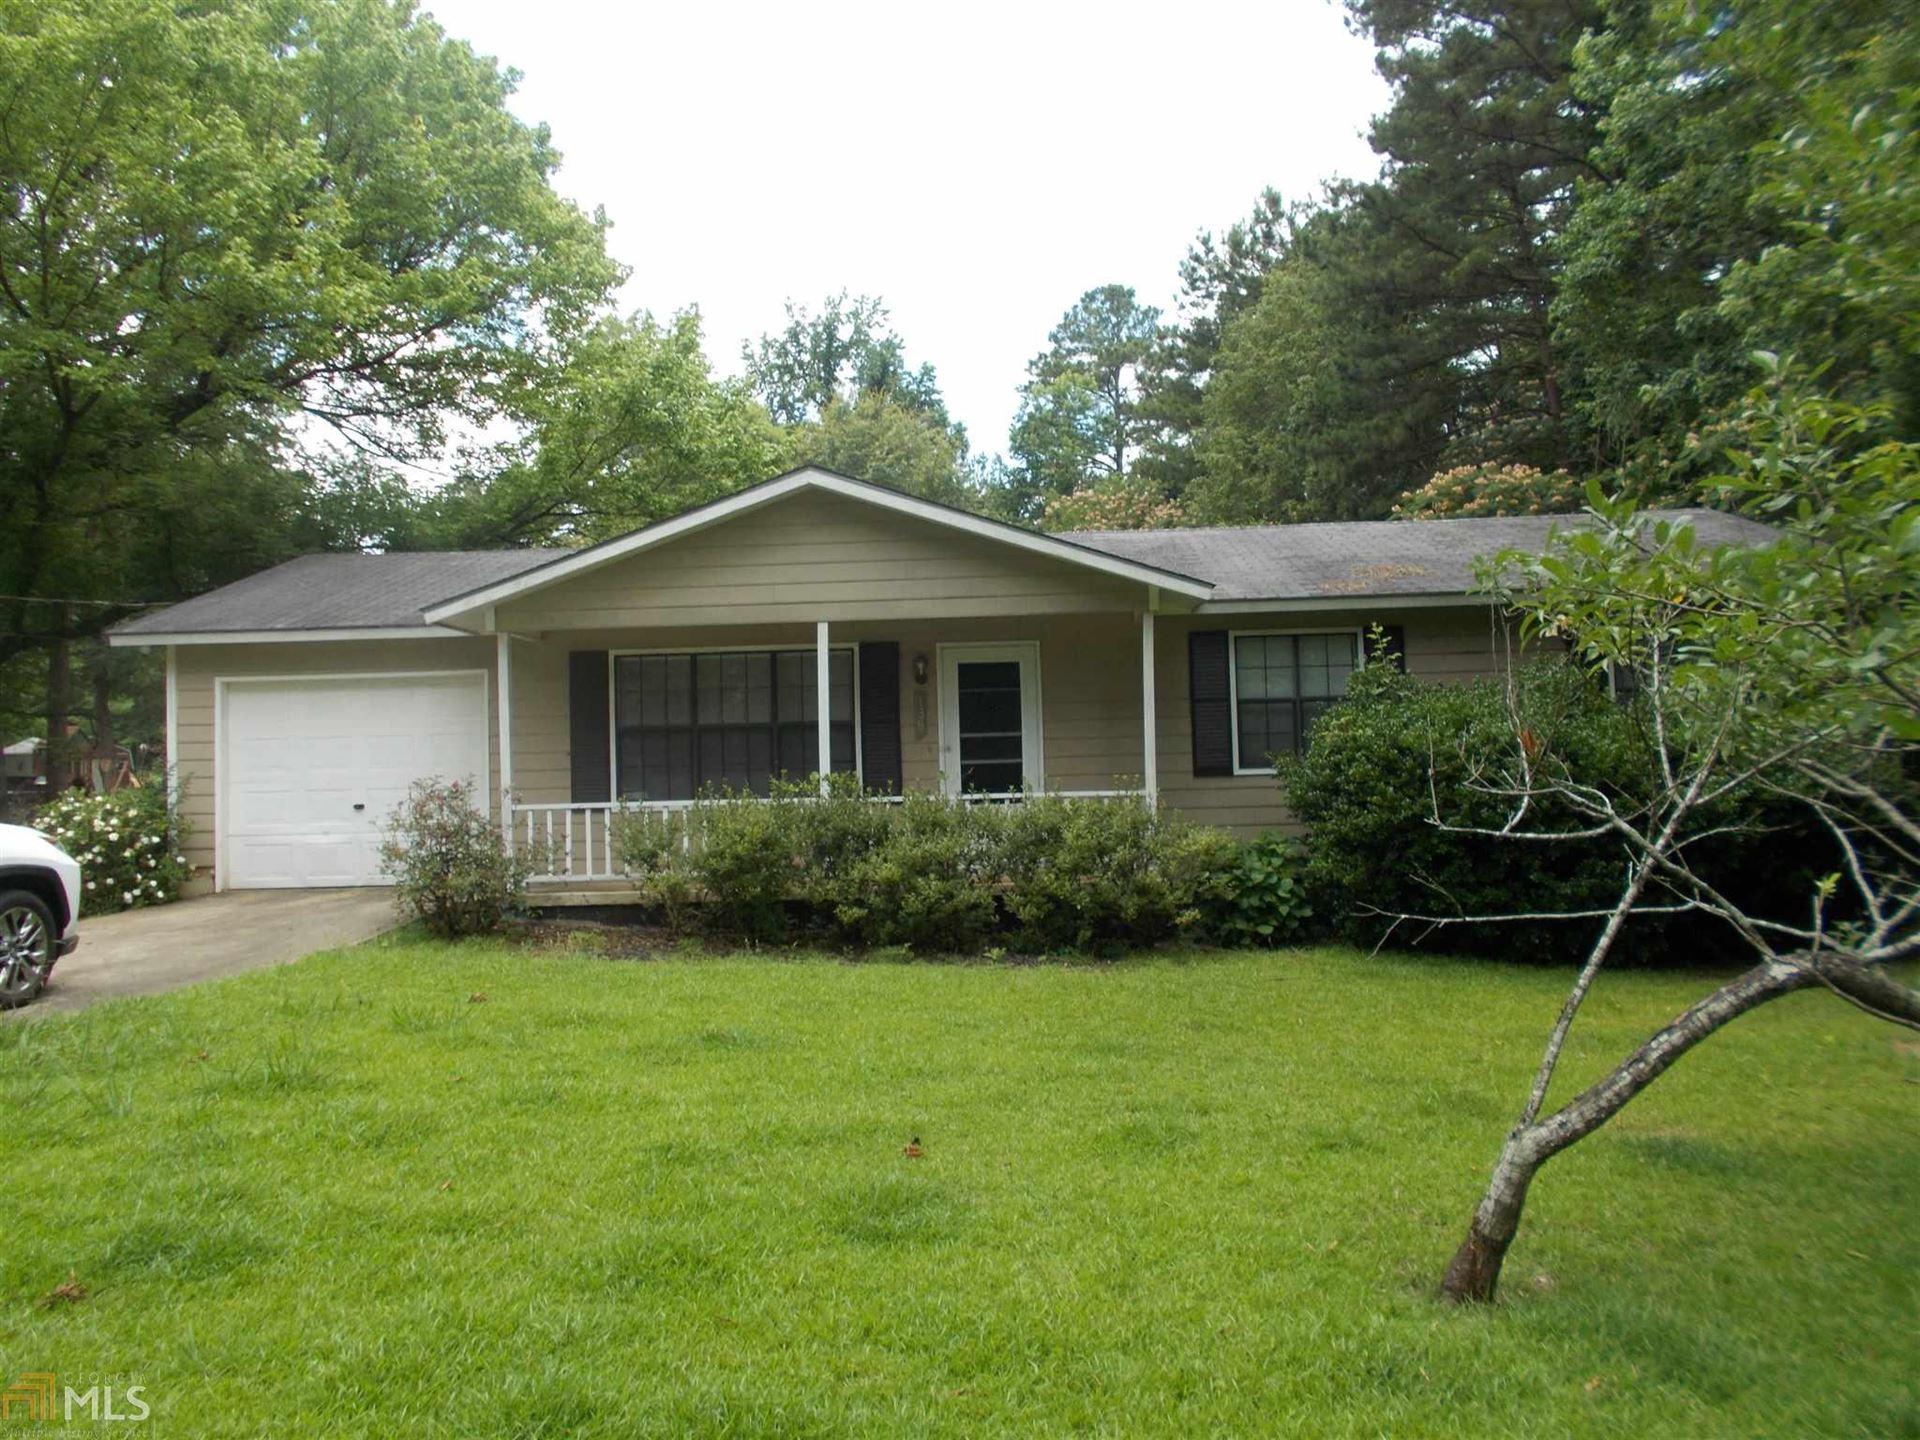 136 Pennington Rd, Milledgeville, GA 31061 - #: 8799026